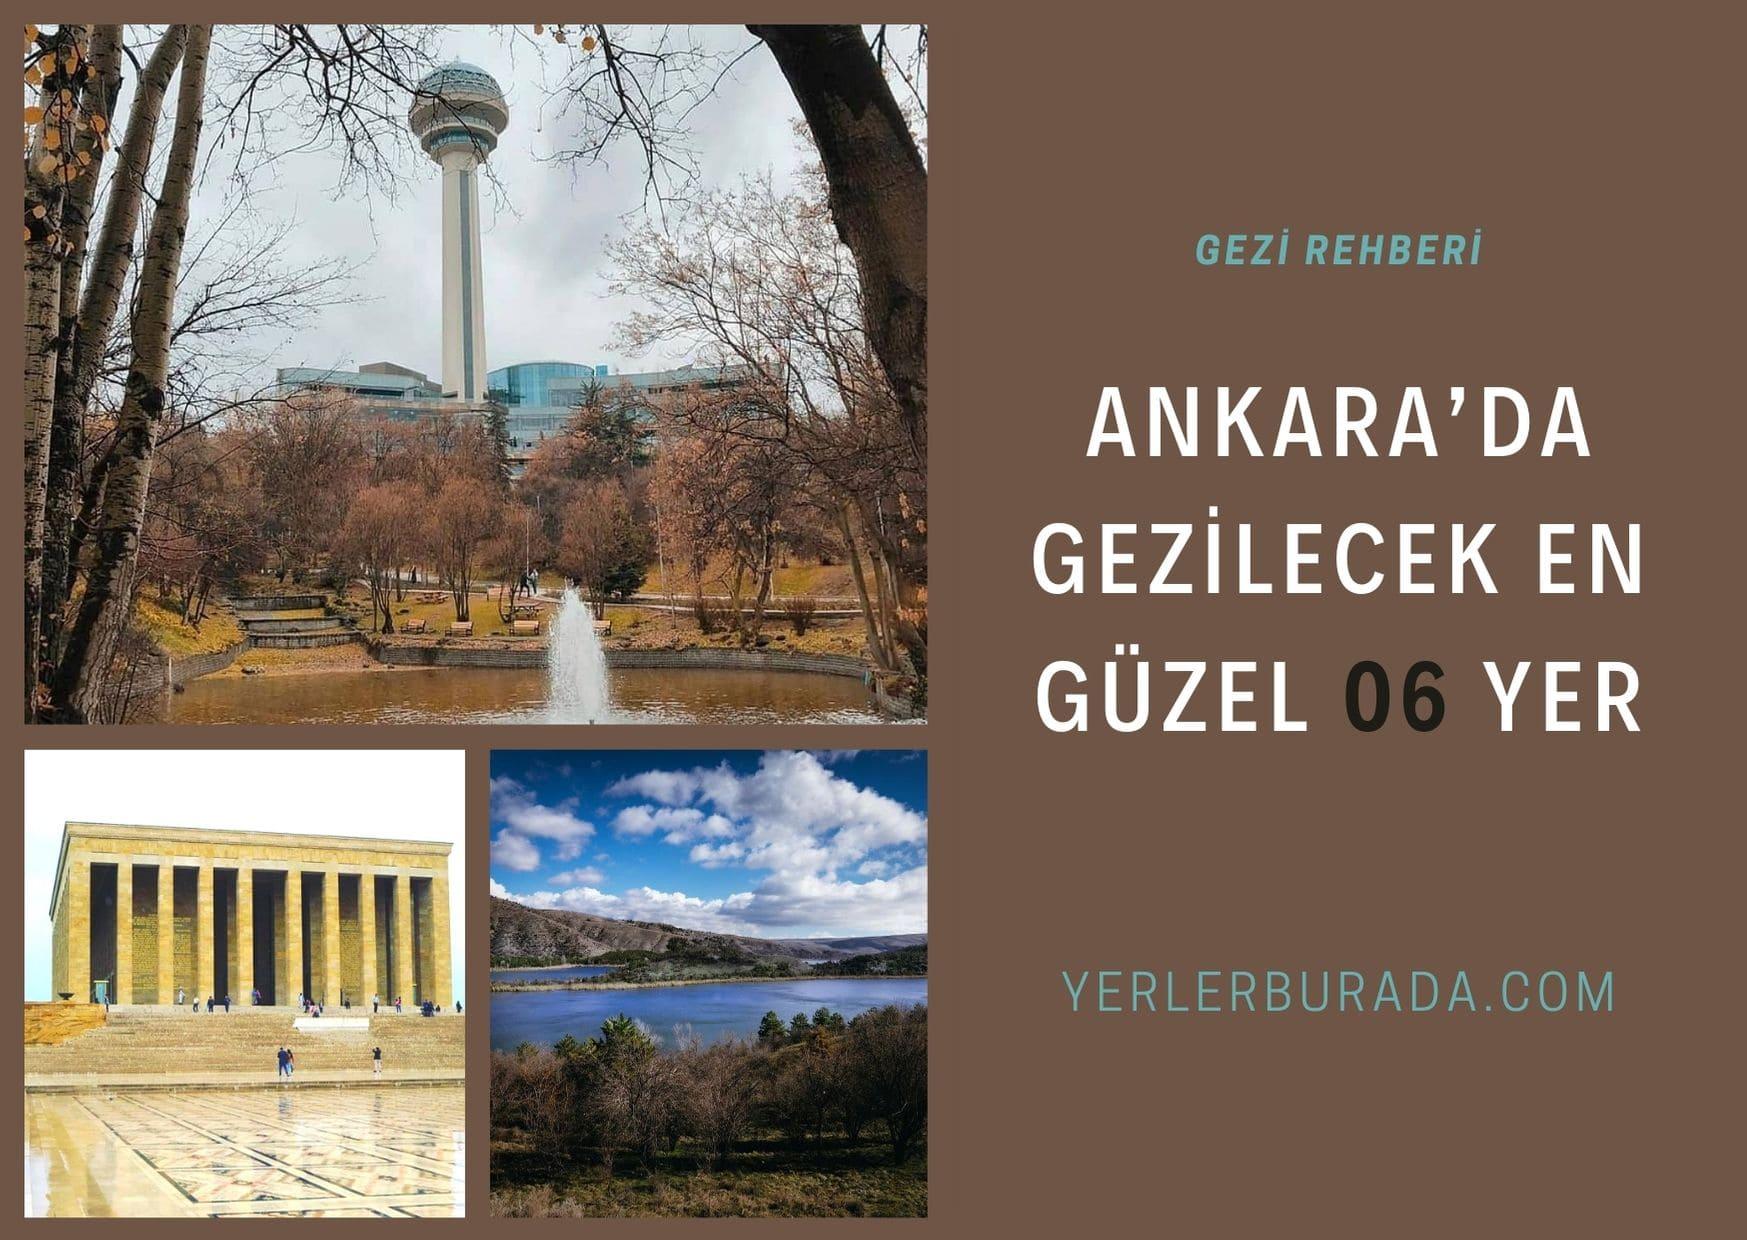 ankara gezilecek yerler Ankara Kızılay'da gezilecek Yerler Ankara'nın turistik yerleri